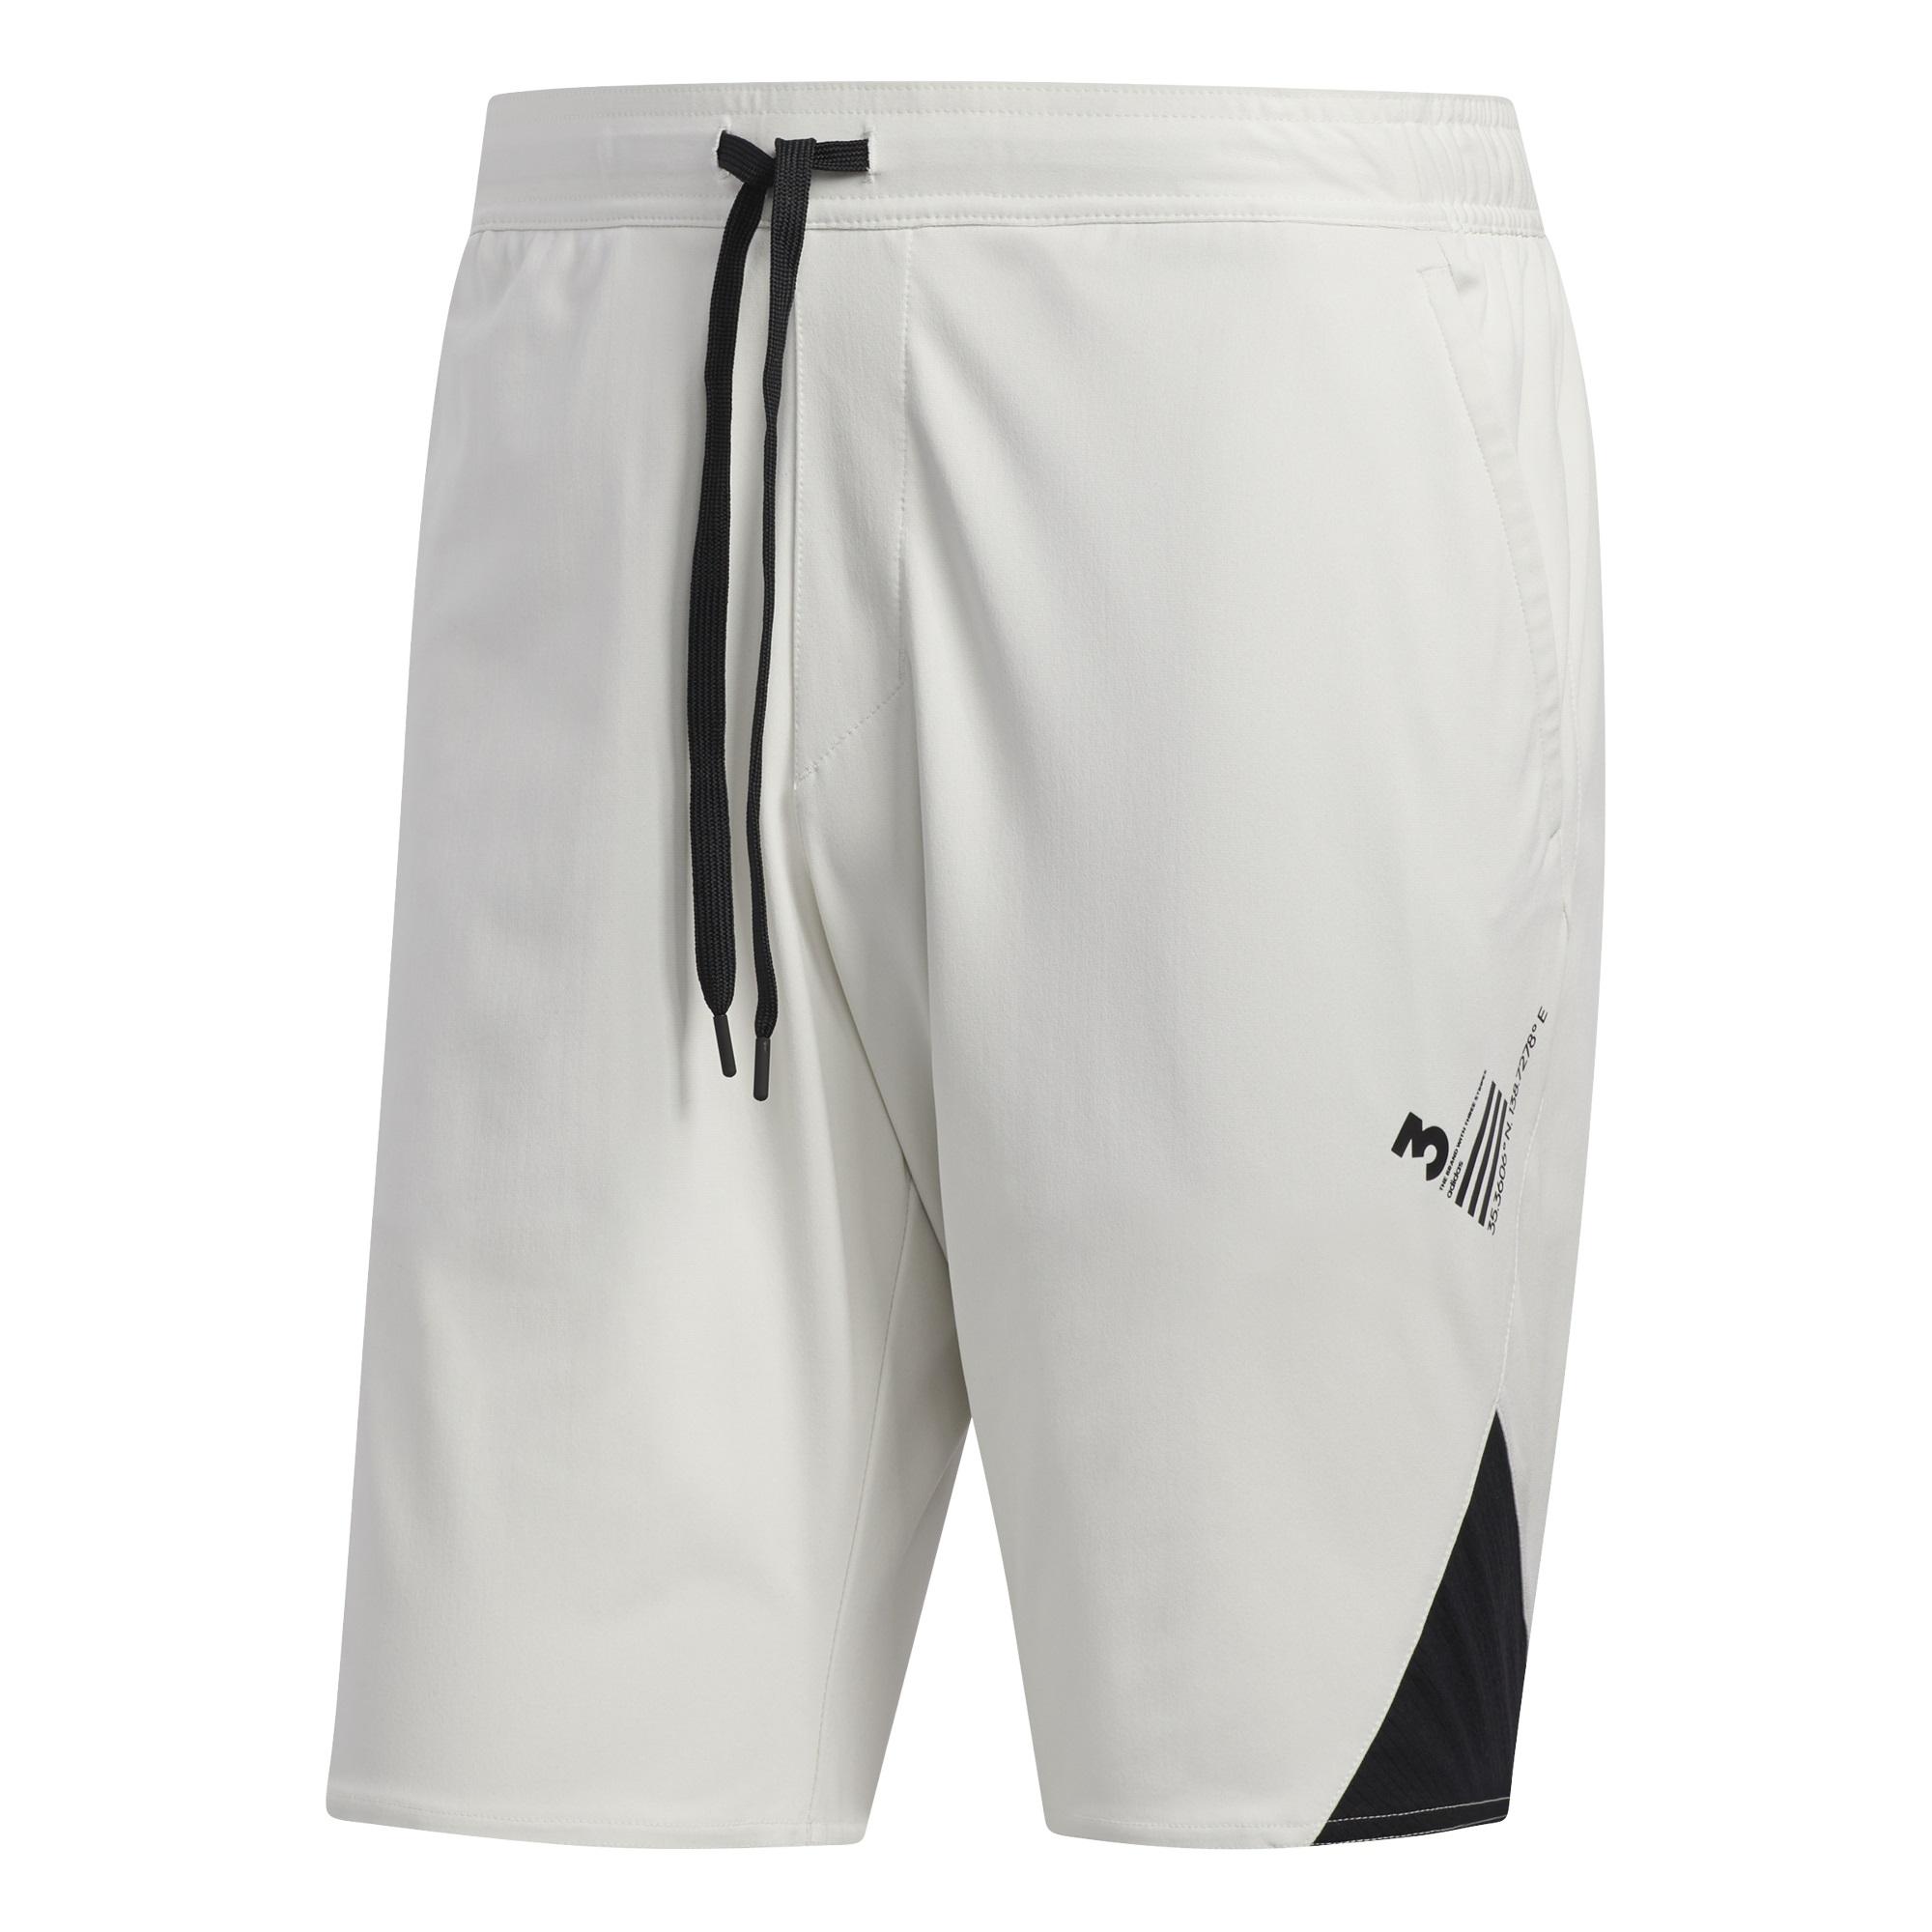 adidas shorts 158